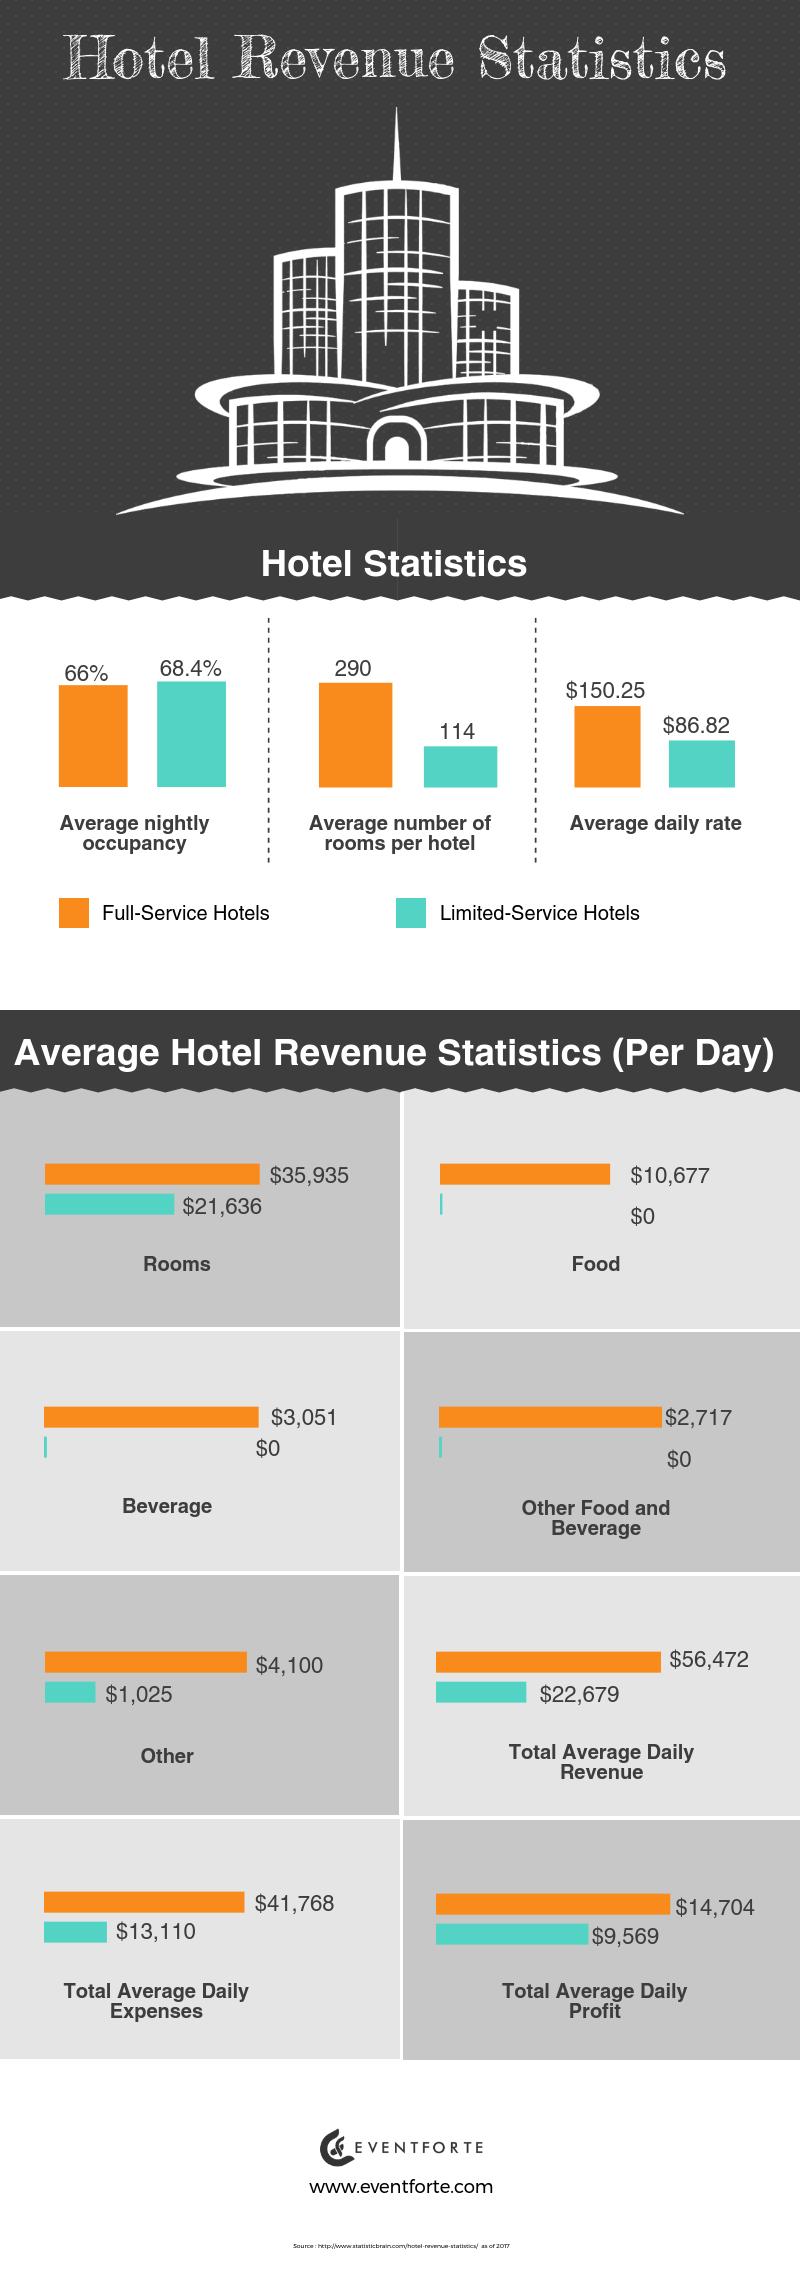 Hotel Revenue Management Statistics